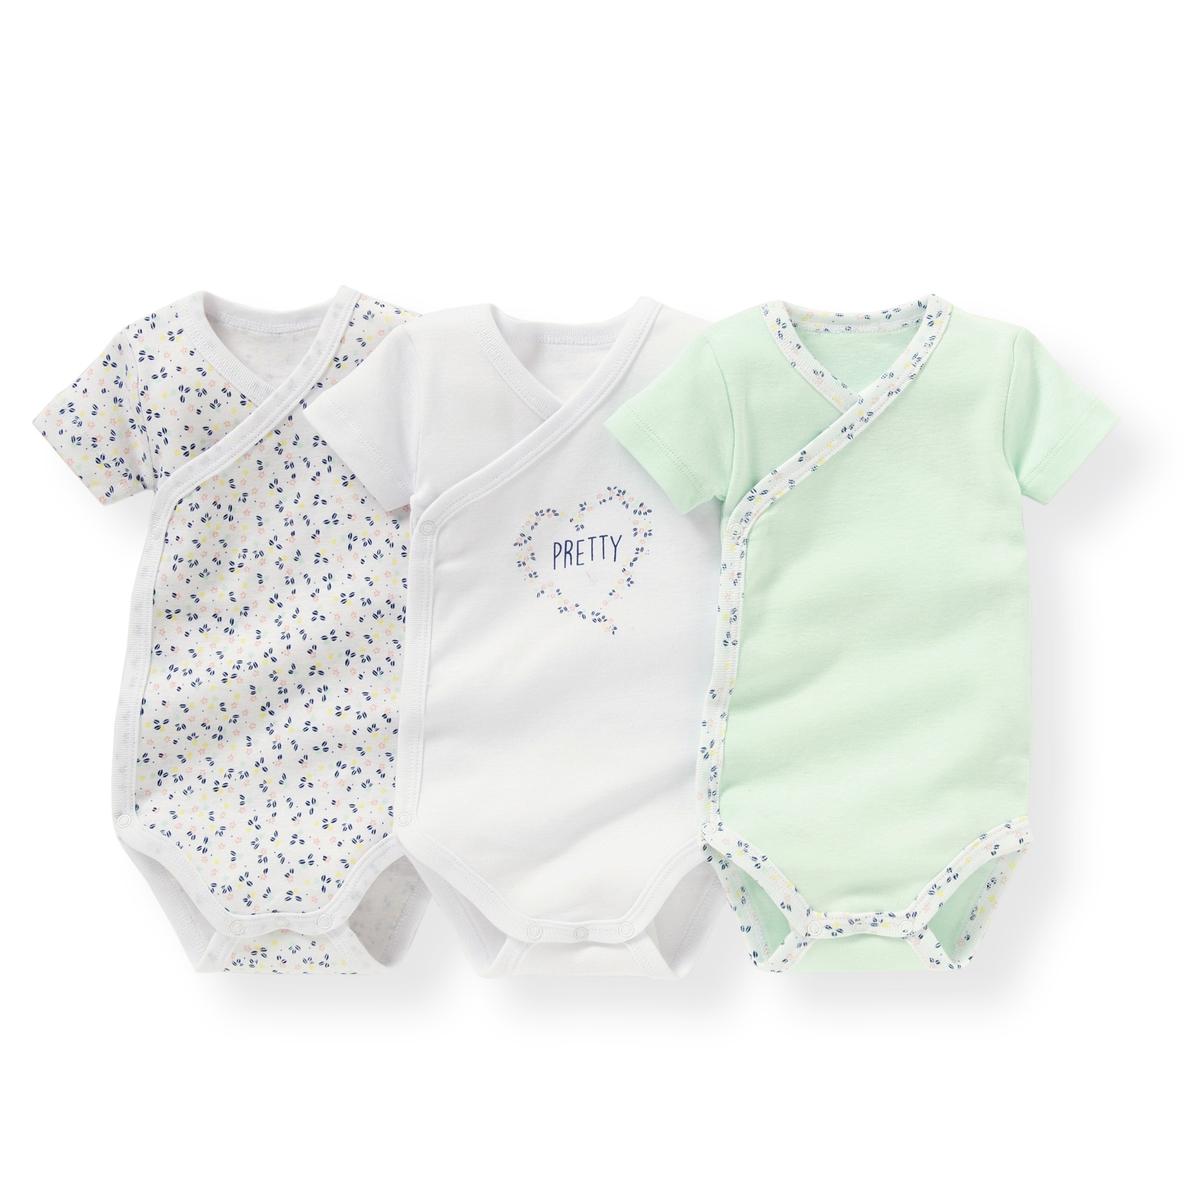 Комплект боди из хлопка для новорожденныхОписание  •  Рисунок-принт  •  Для новорожденных •  Короткие рукава •  Из хлопкаСостав и уход  •  100% хлопок •  Машинная стирка при 40 °С •  Сухая чистка и отбеливание запрещены   •  Машинная сушка в умеренном режиме •  Низкая температура глажки<br><br>Цвет: рисунок разноцветный<br>Размер: 3 года - 94 см.1 мес. - 54 см.2 года - 86 см.9 мес. - 71 см.18 мес. - 81 см